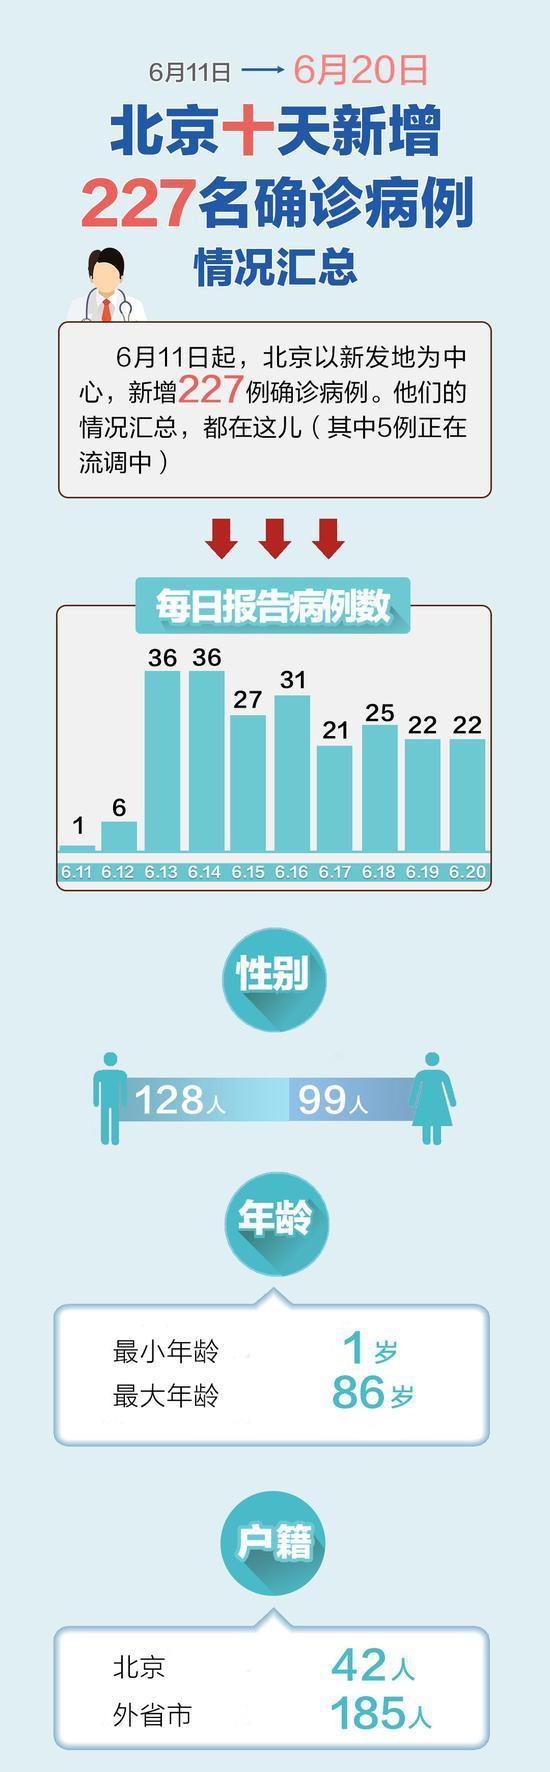 摩天登录北京2摩天登录27名确诊病例工作及图片